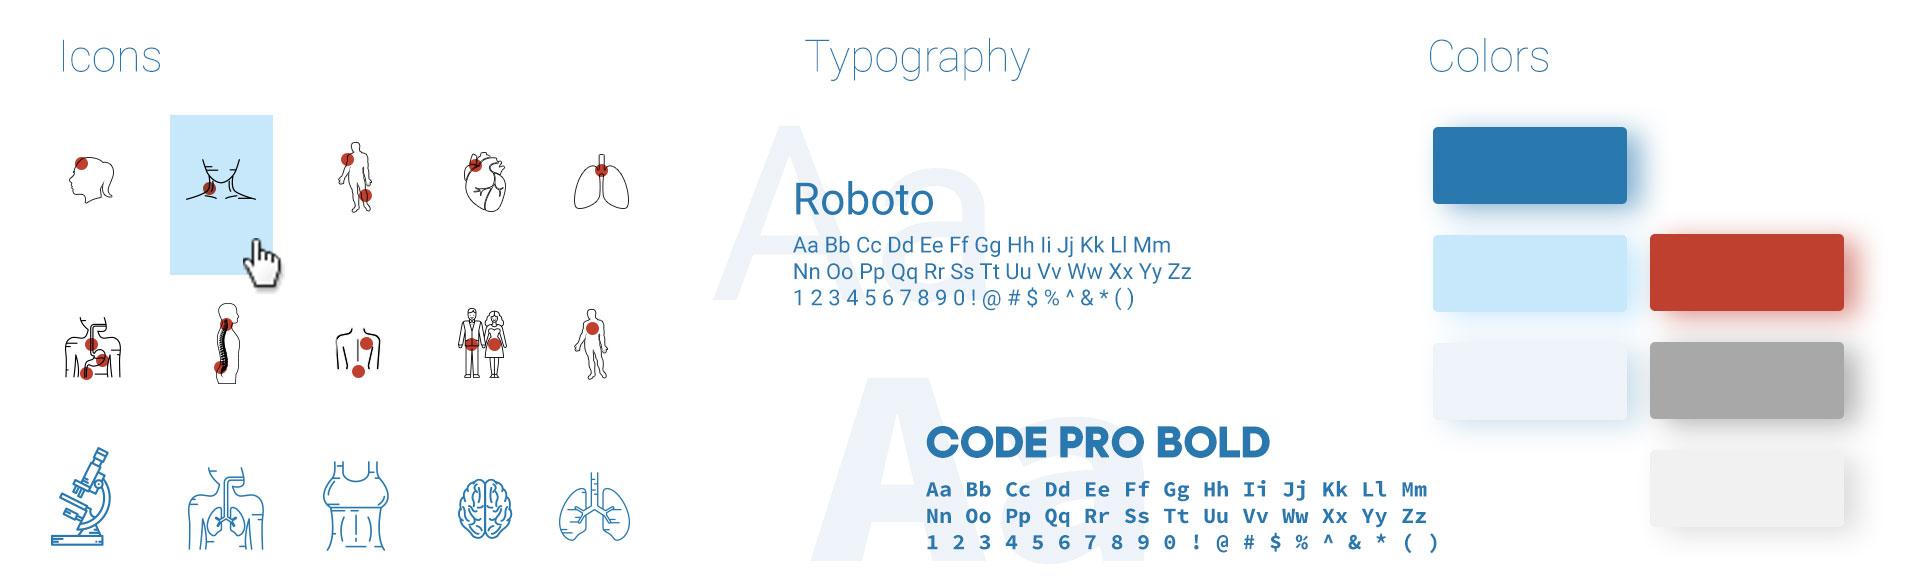 Цвет шрифт и иконки в разработке дизайна сайта медицинской клиники